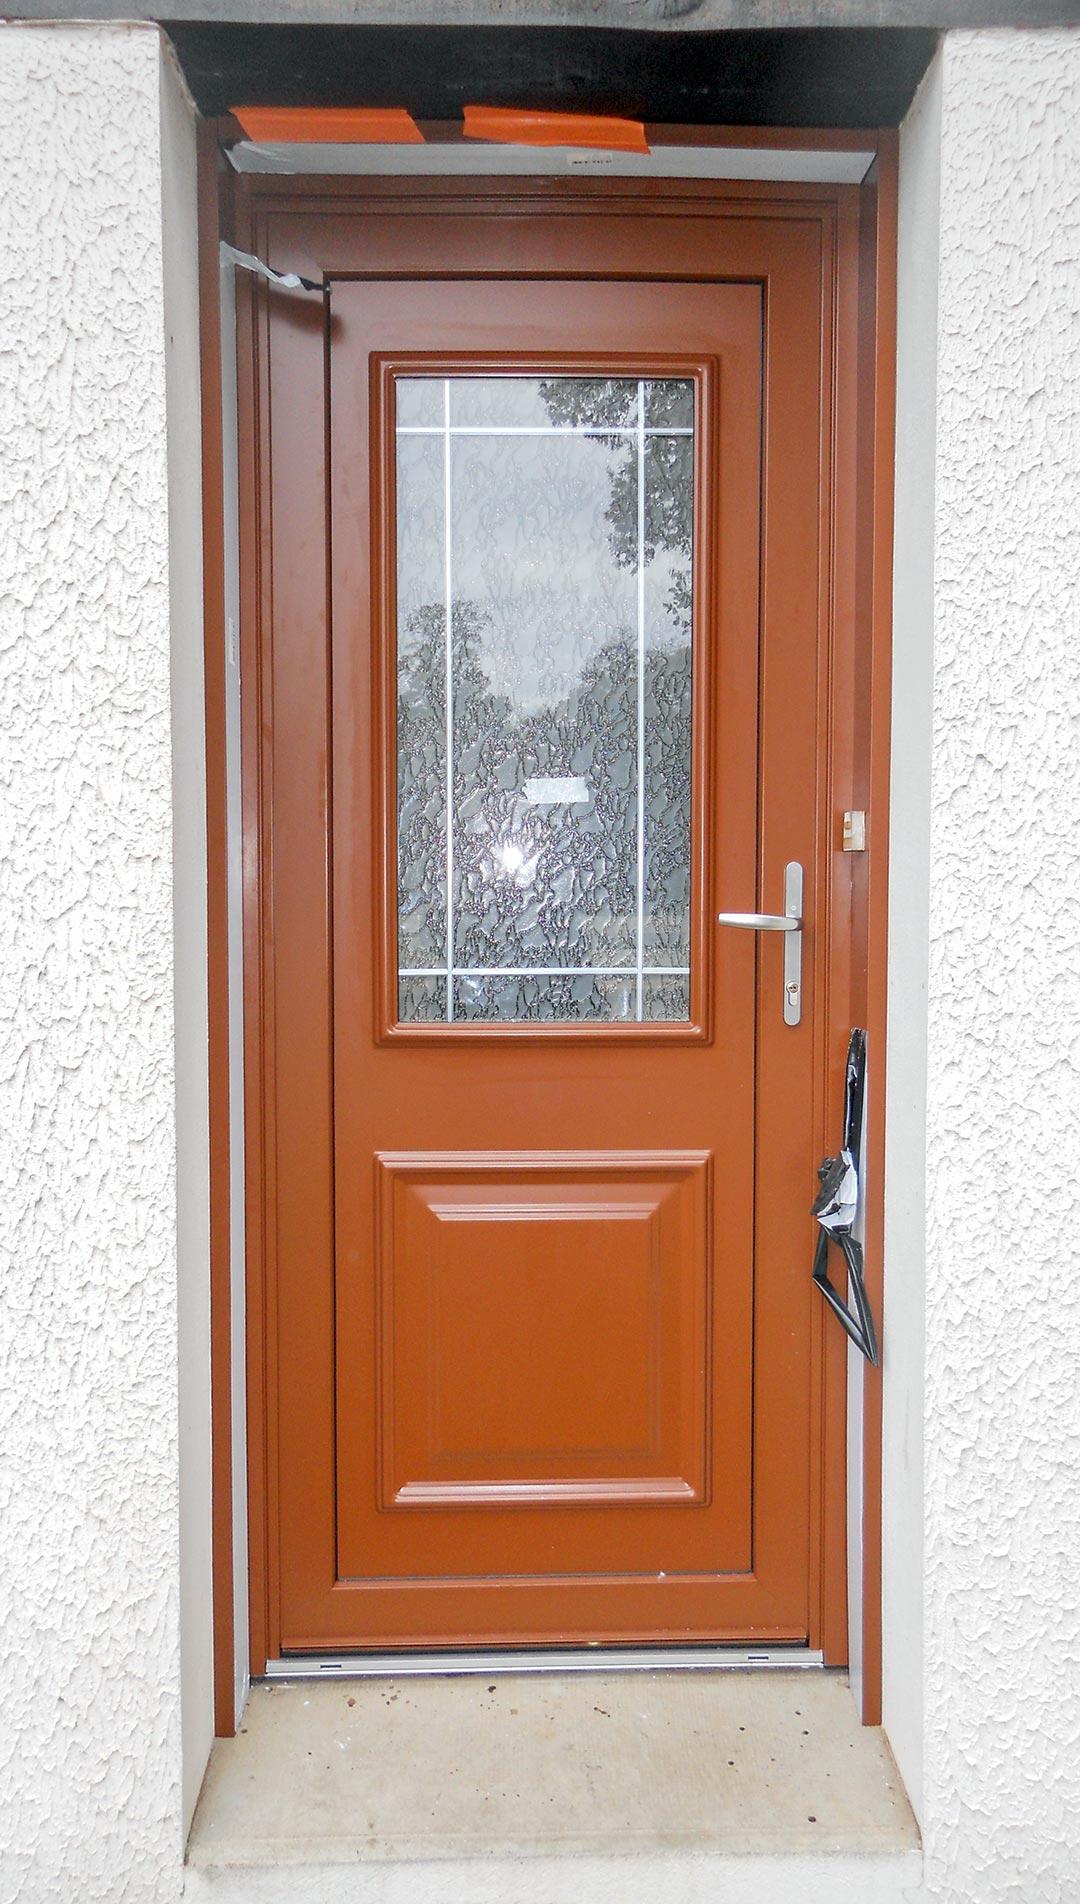 Changement de porte d'entrée et fenêtres-2